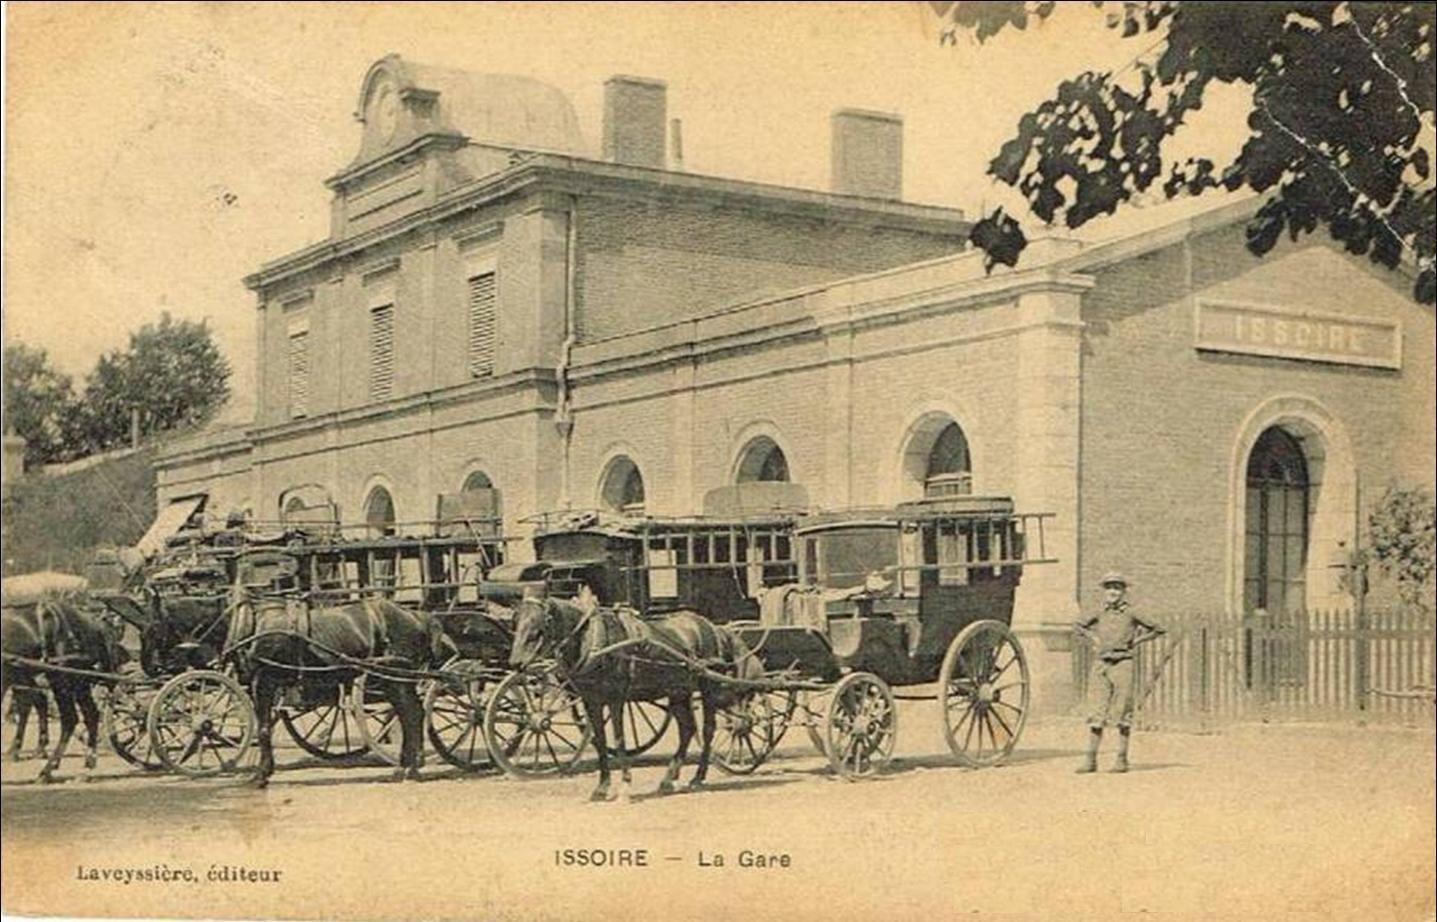 Il était une fois l'Auvergne:Issoire